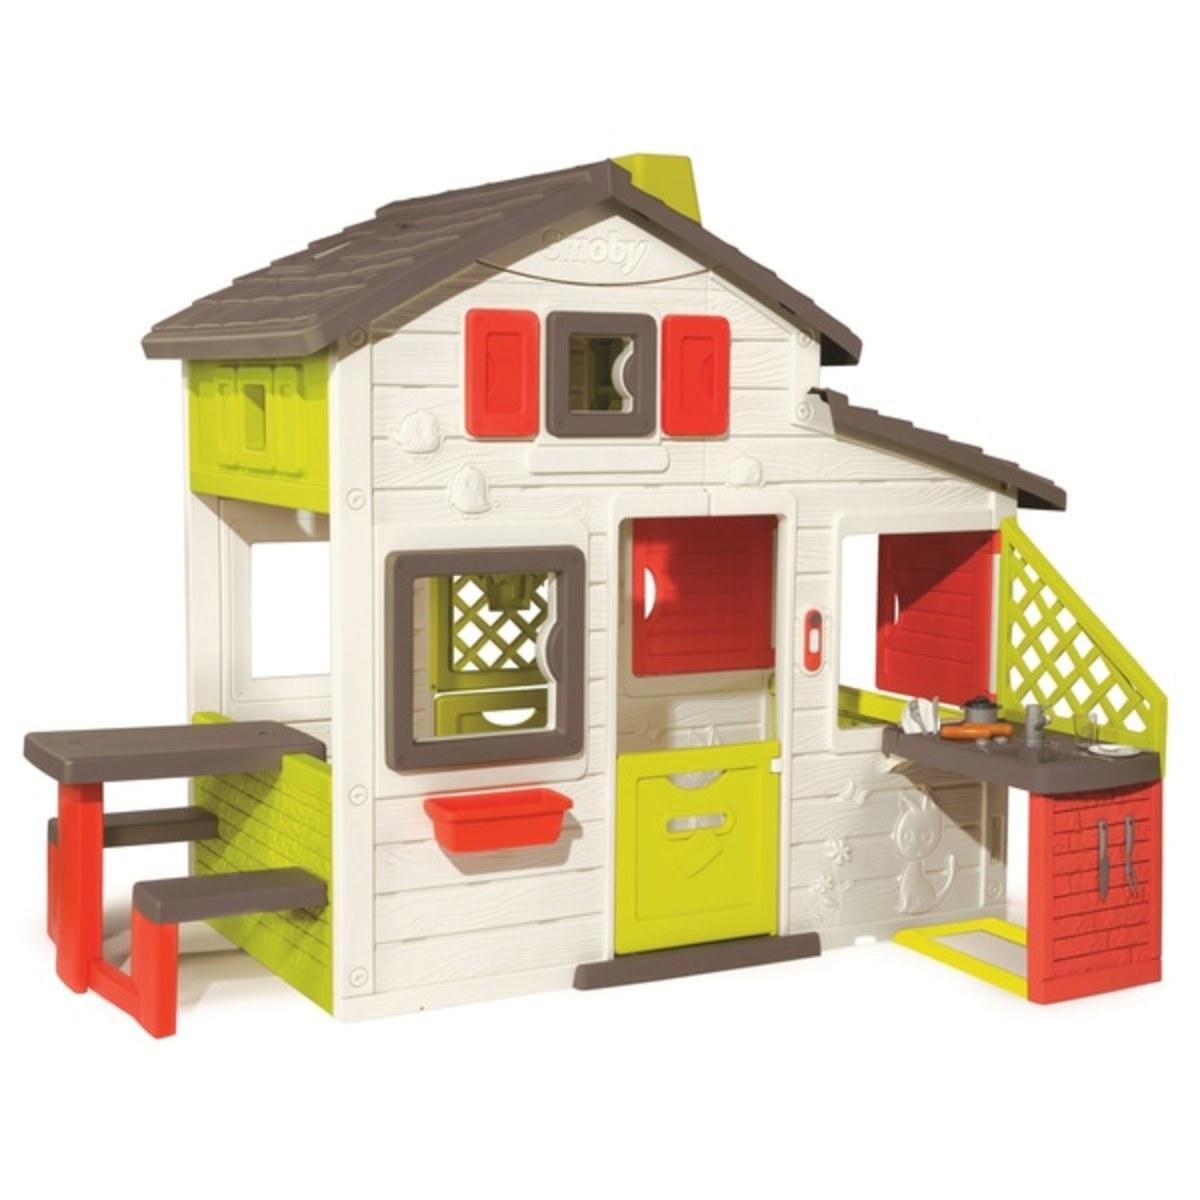 Bild 5 von Smoby - Spielhaus Friends mit Küche